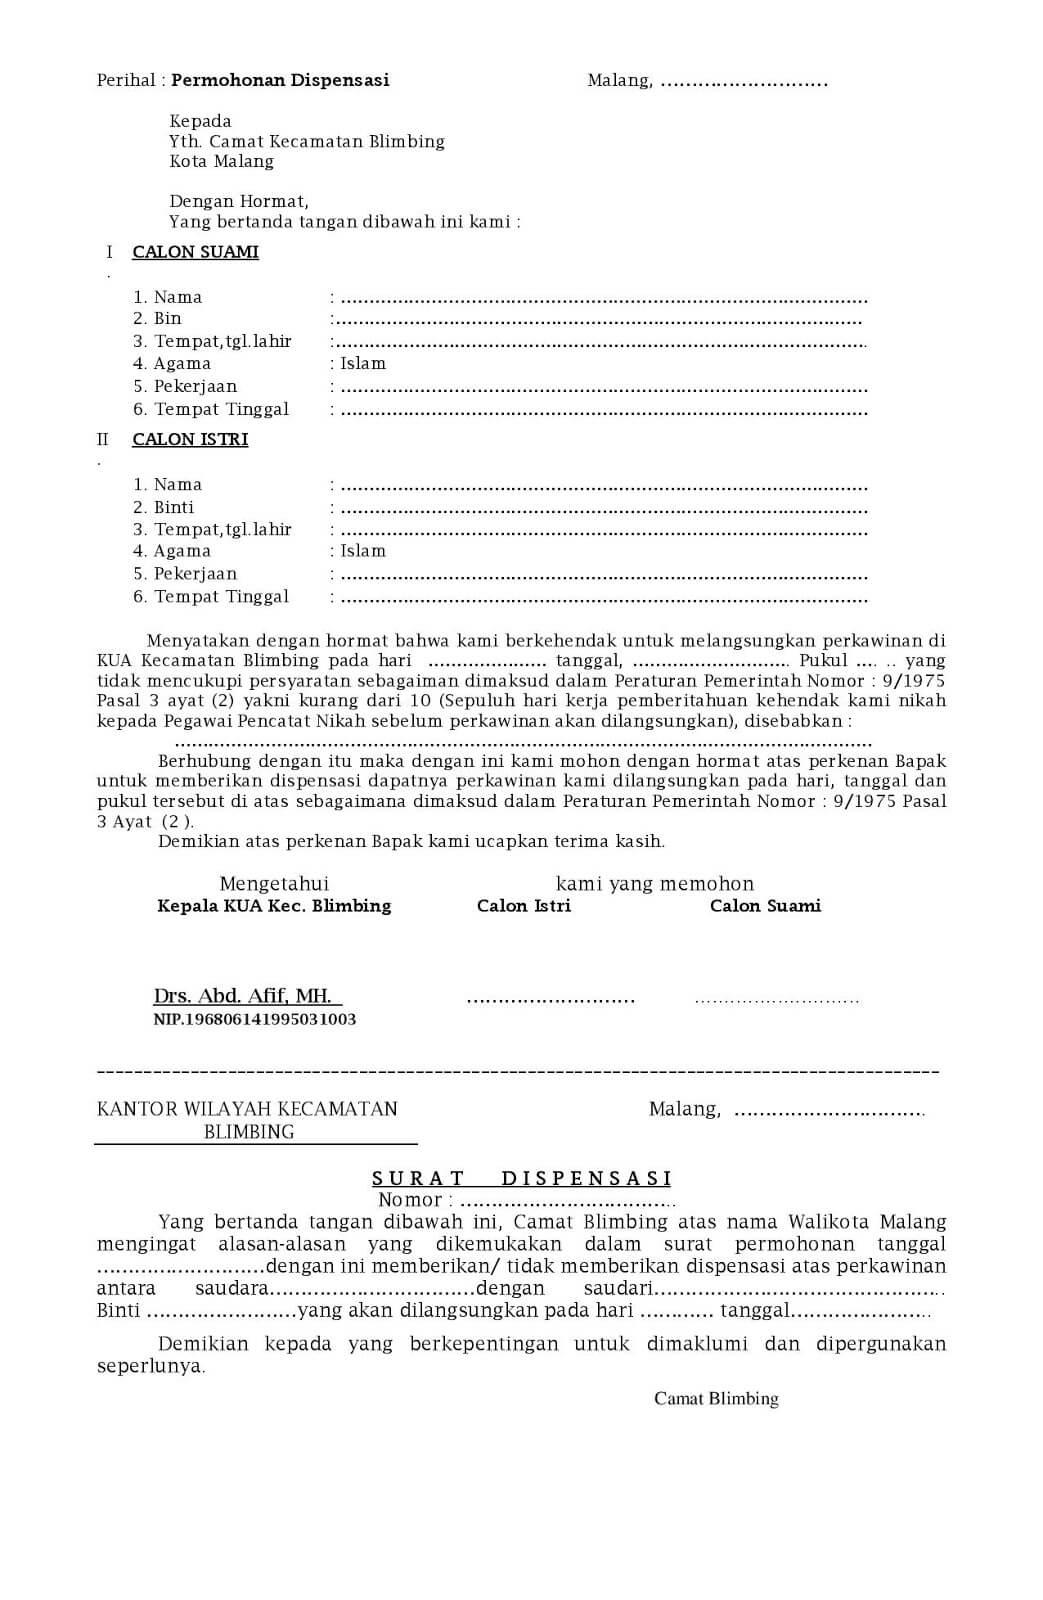 Contoh Surat Dispensasi Tidak Masuk Sekolah Kuliah Dan